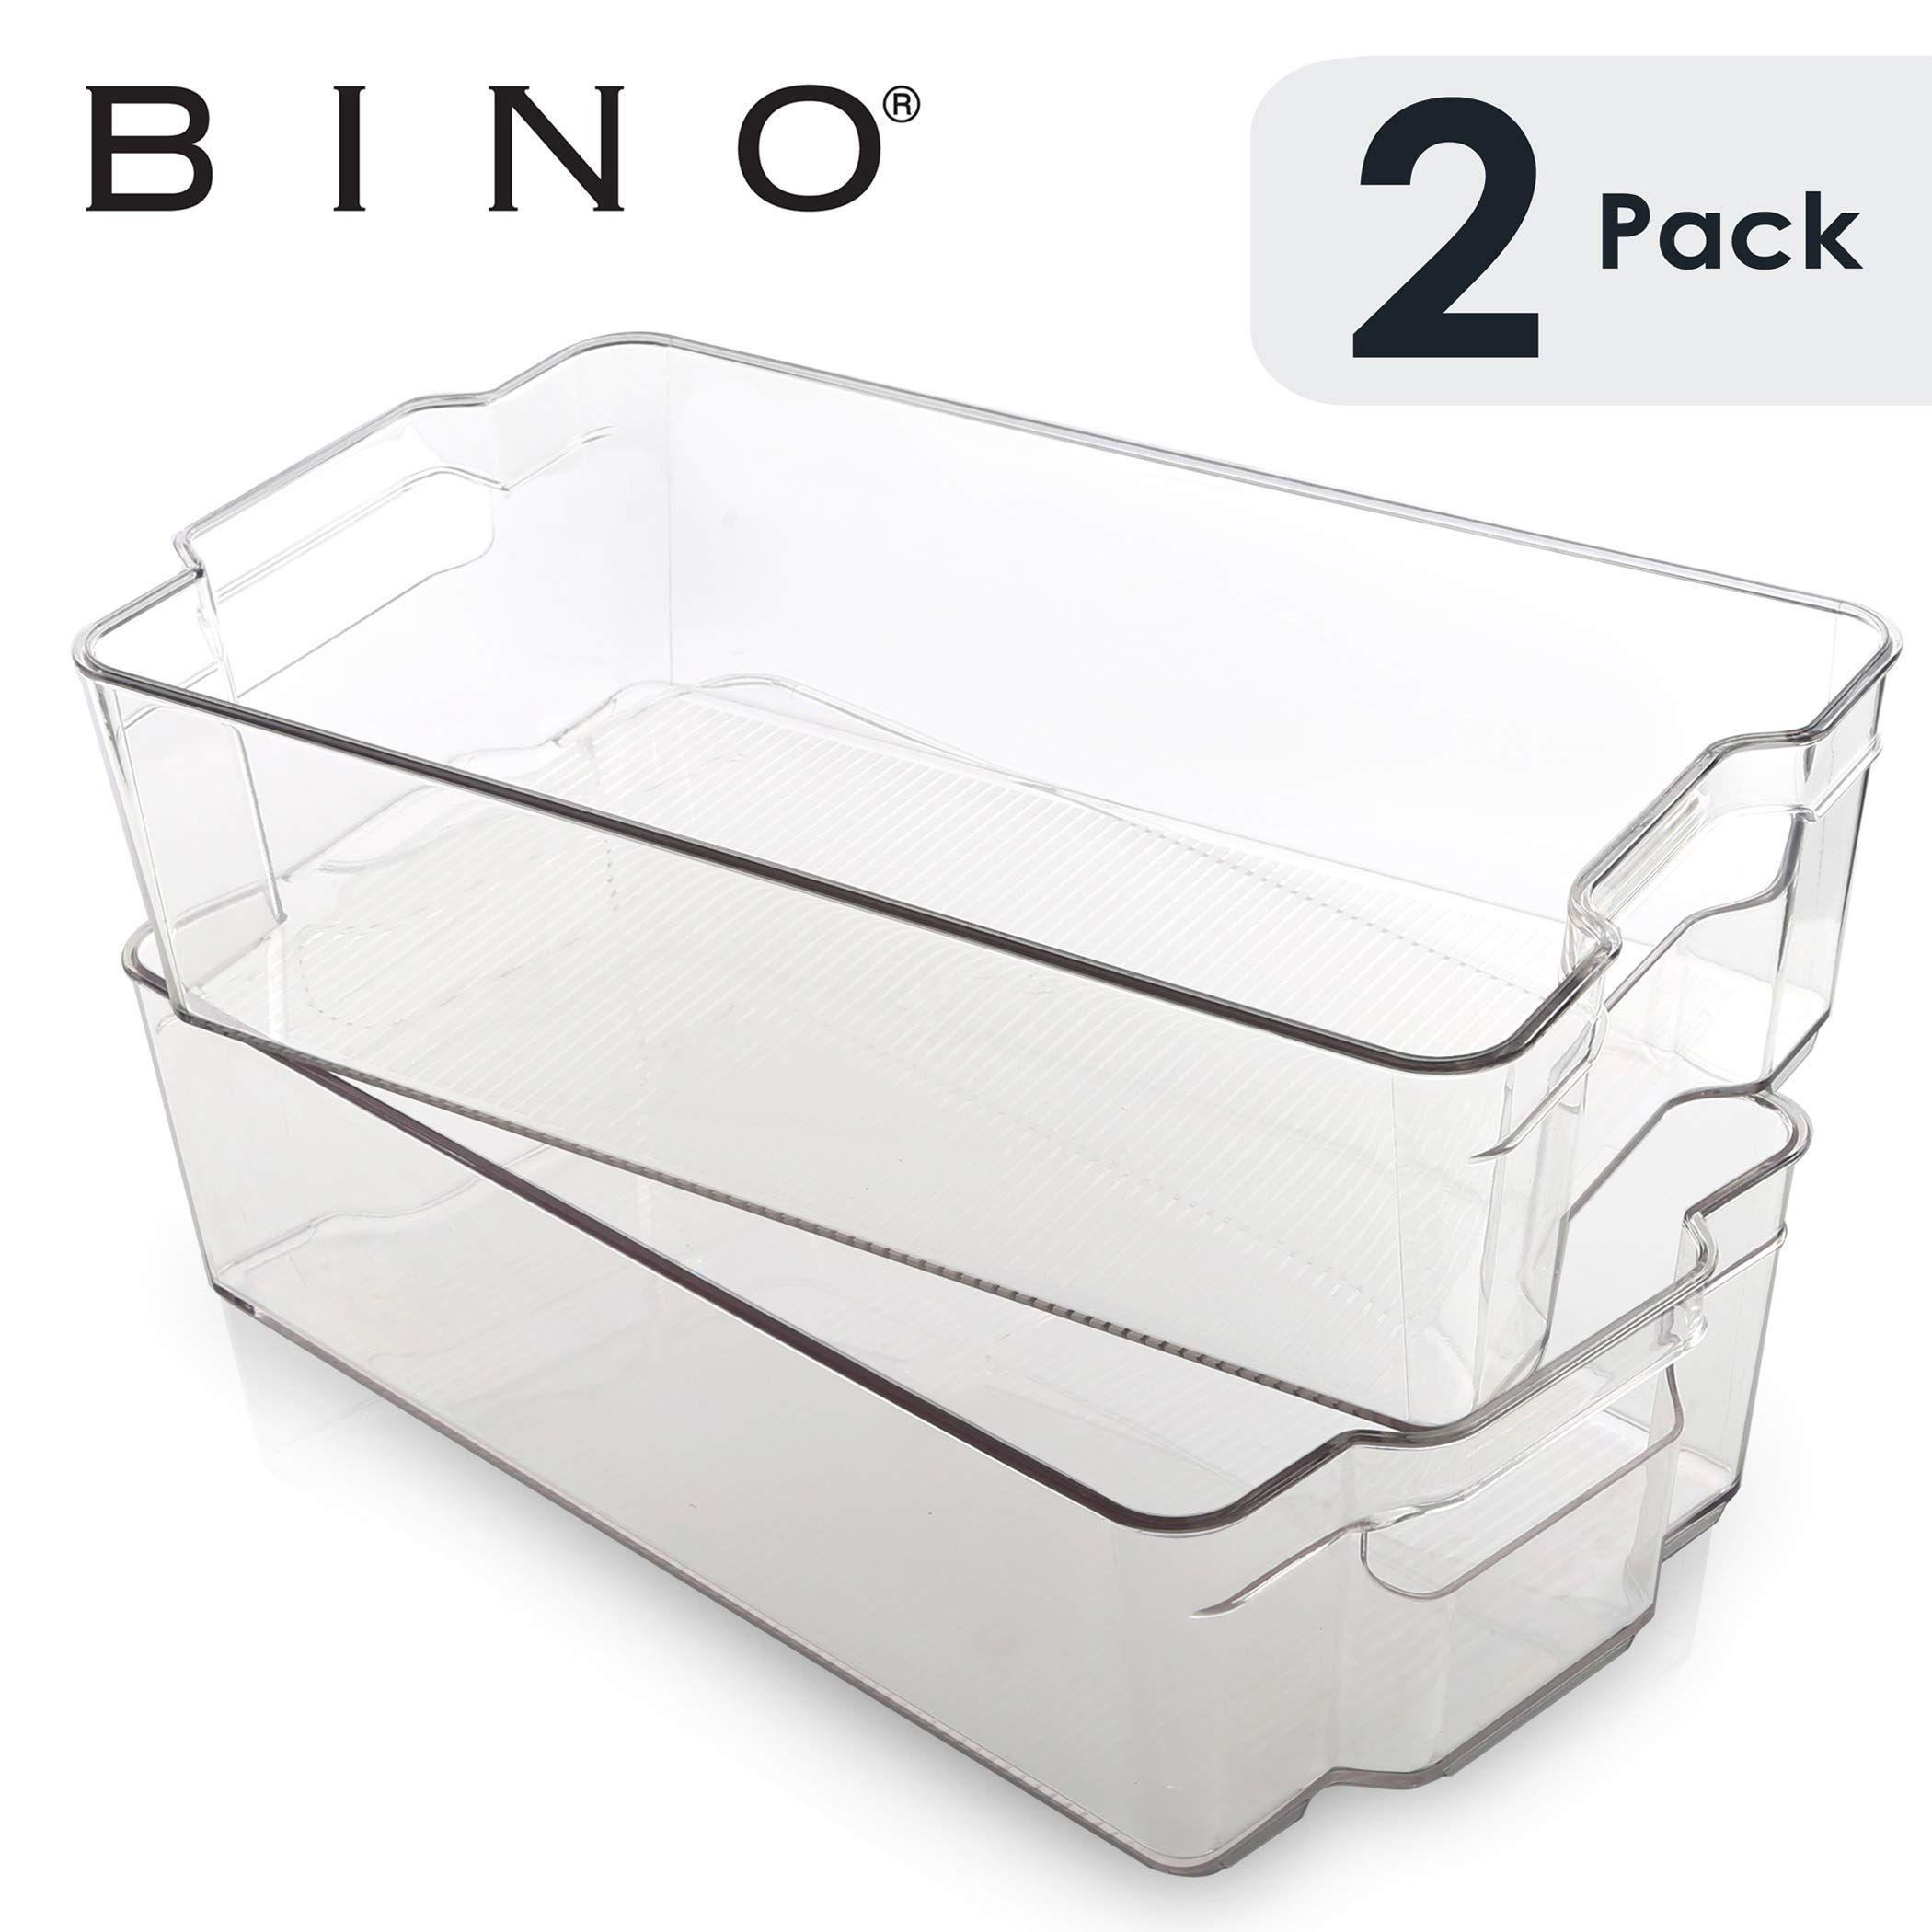 Organizer Storage Bins